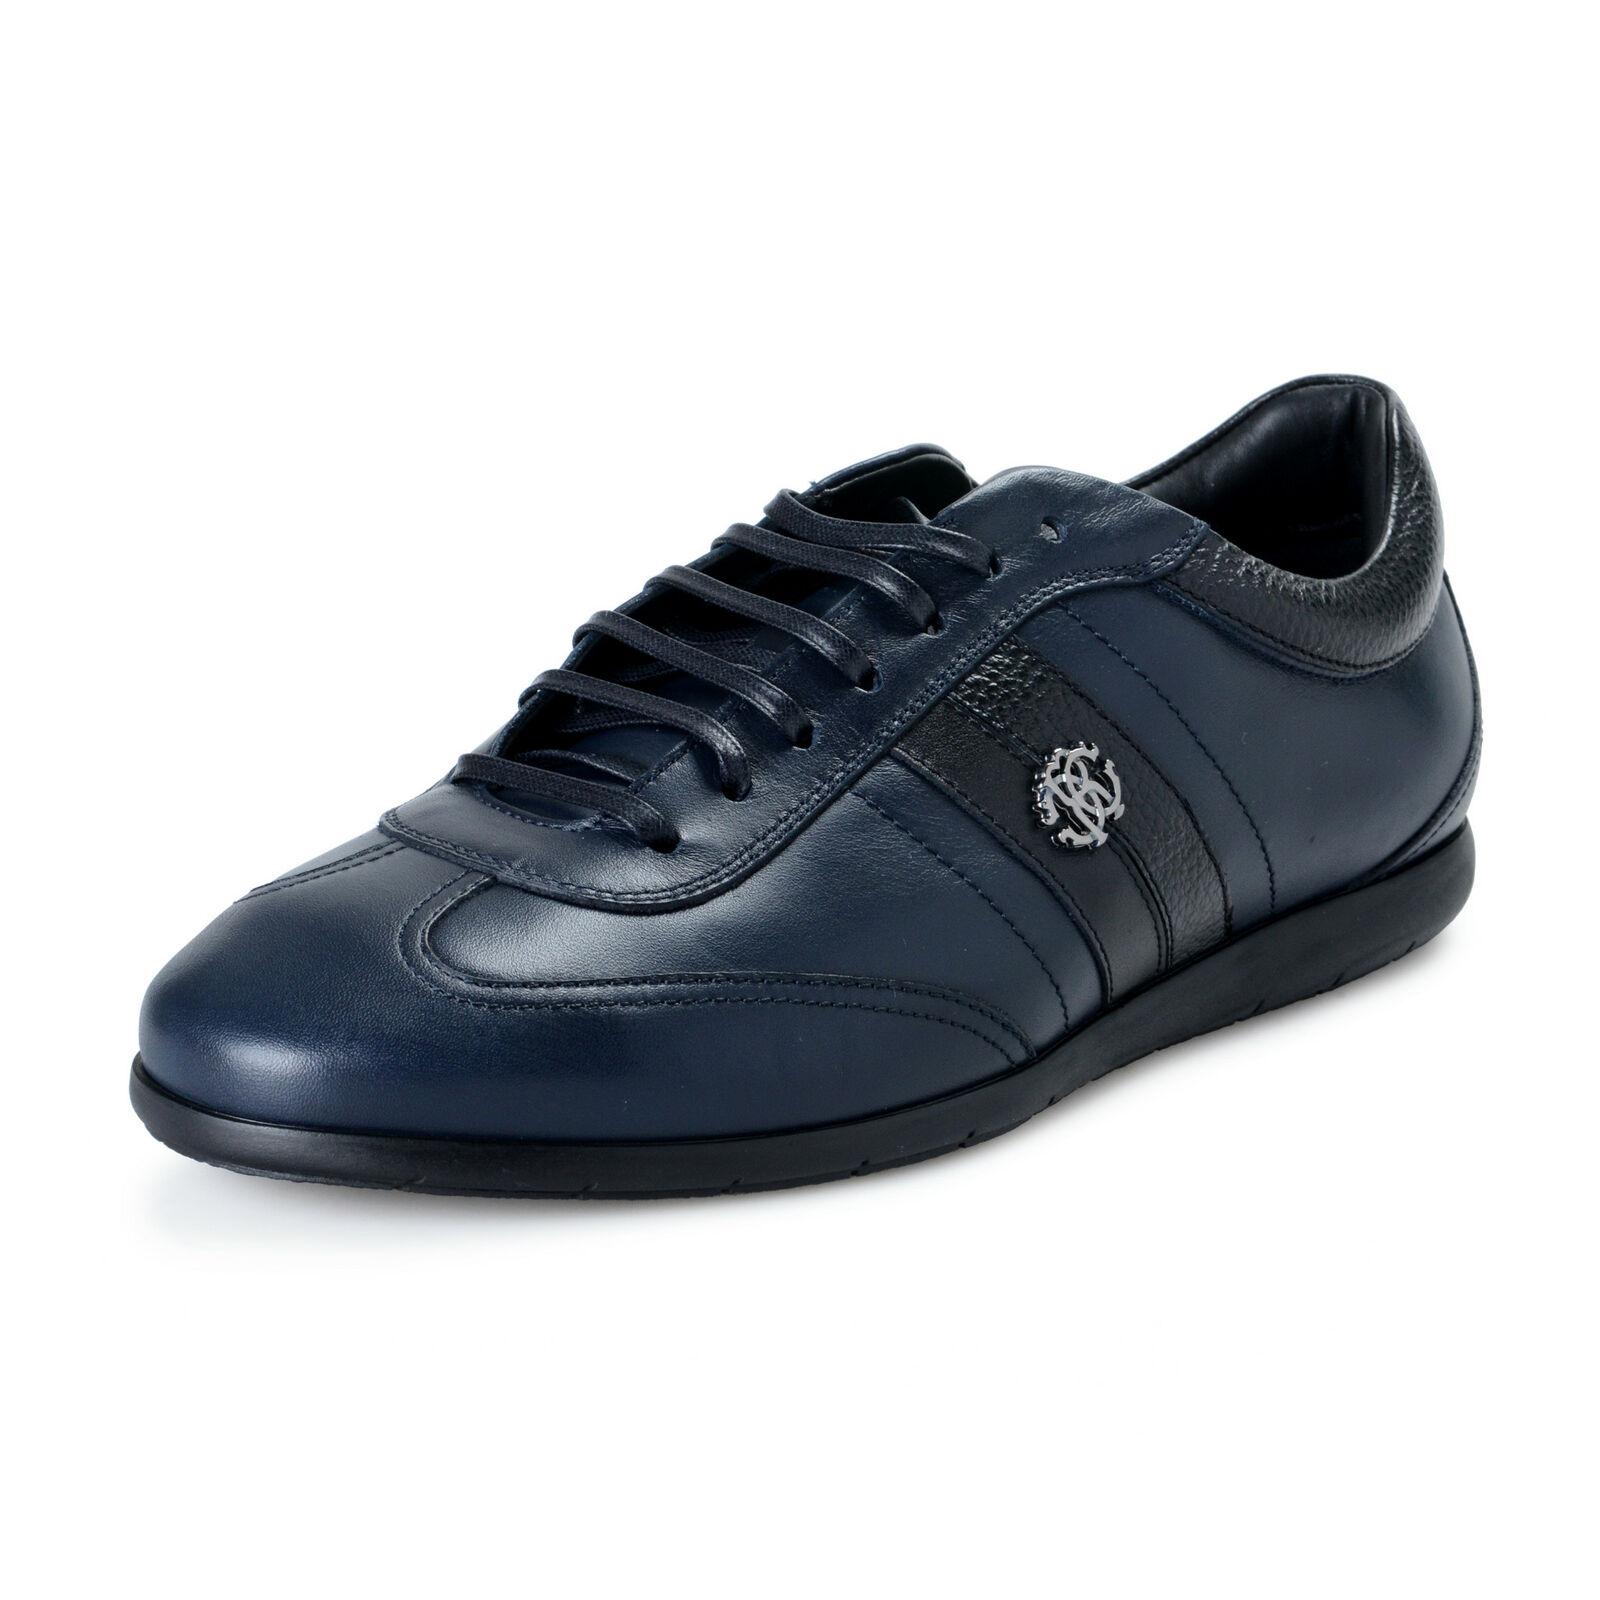 Roberto Cavalli Herren Blau Leder Mode Turnschuhe Sz 8 9 10 11